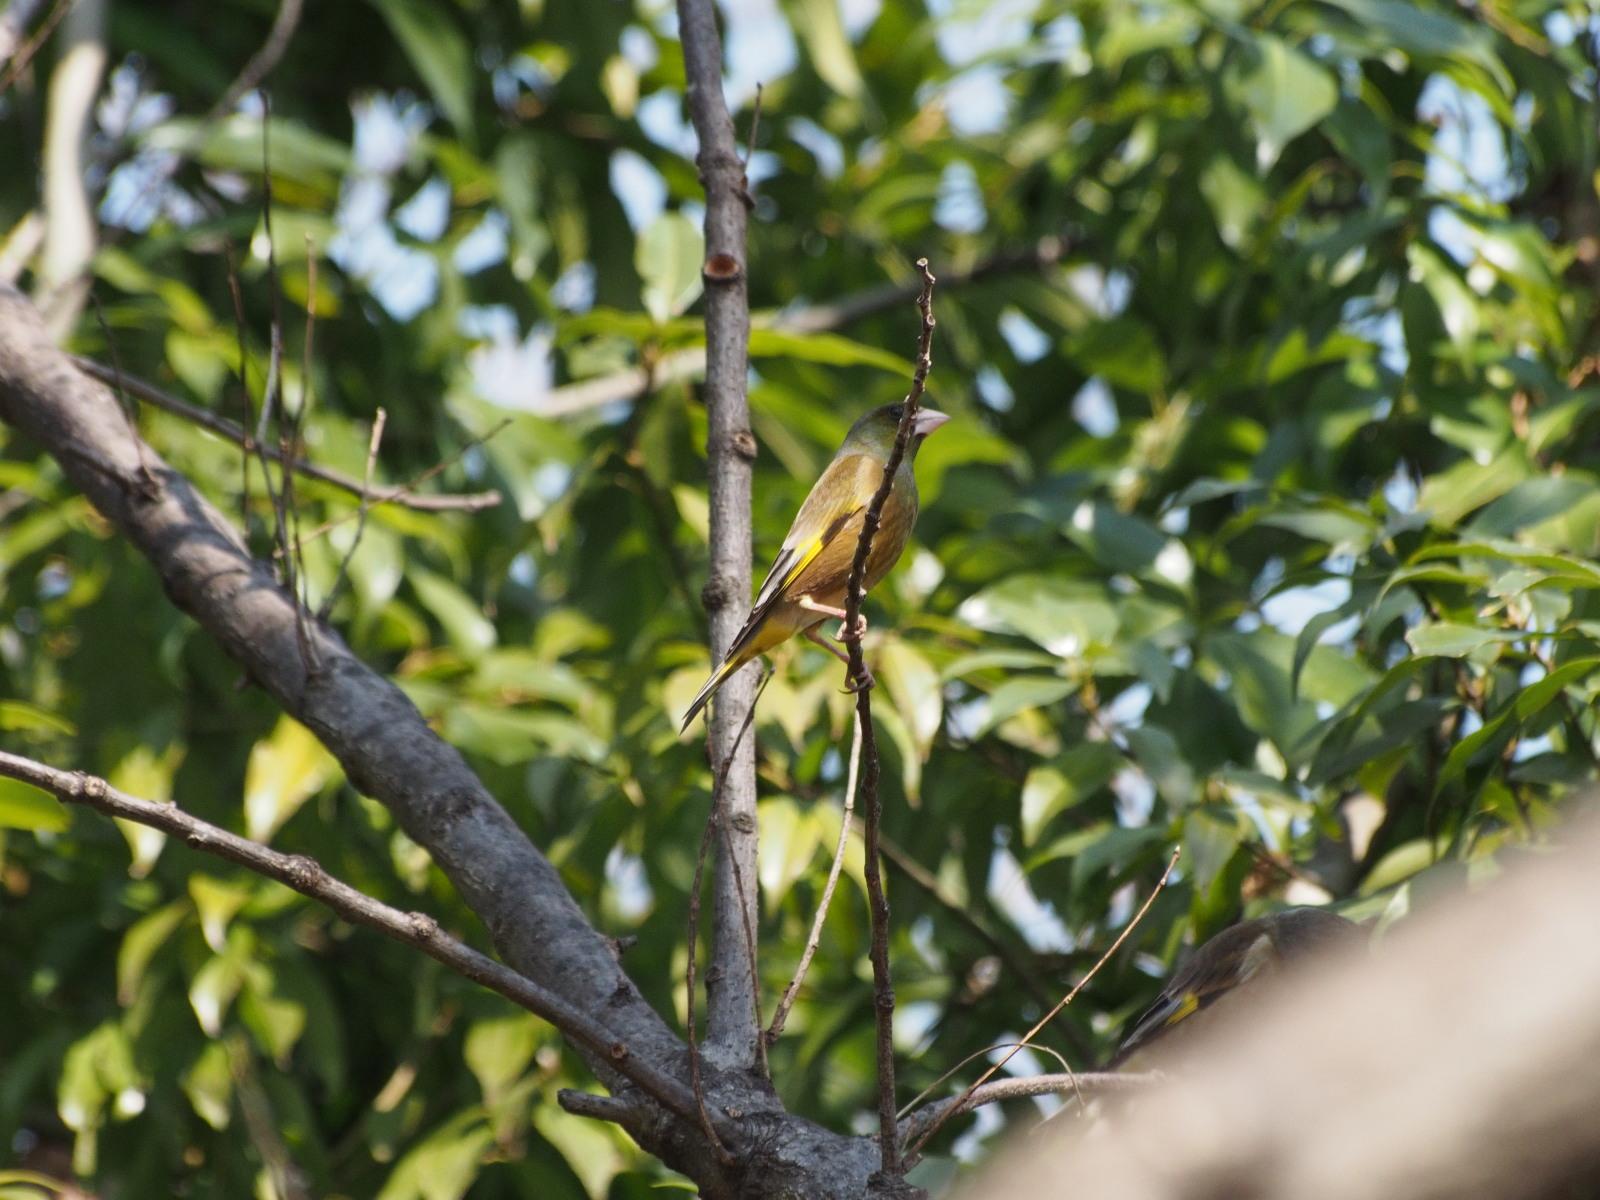 2014年3月17日 カワラヒワ/河原鶸/Oriental Greenfinch_f0108797_16070751.jpg